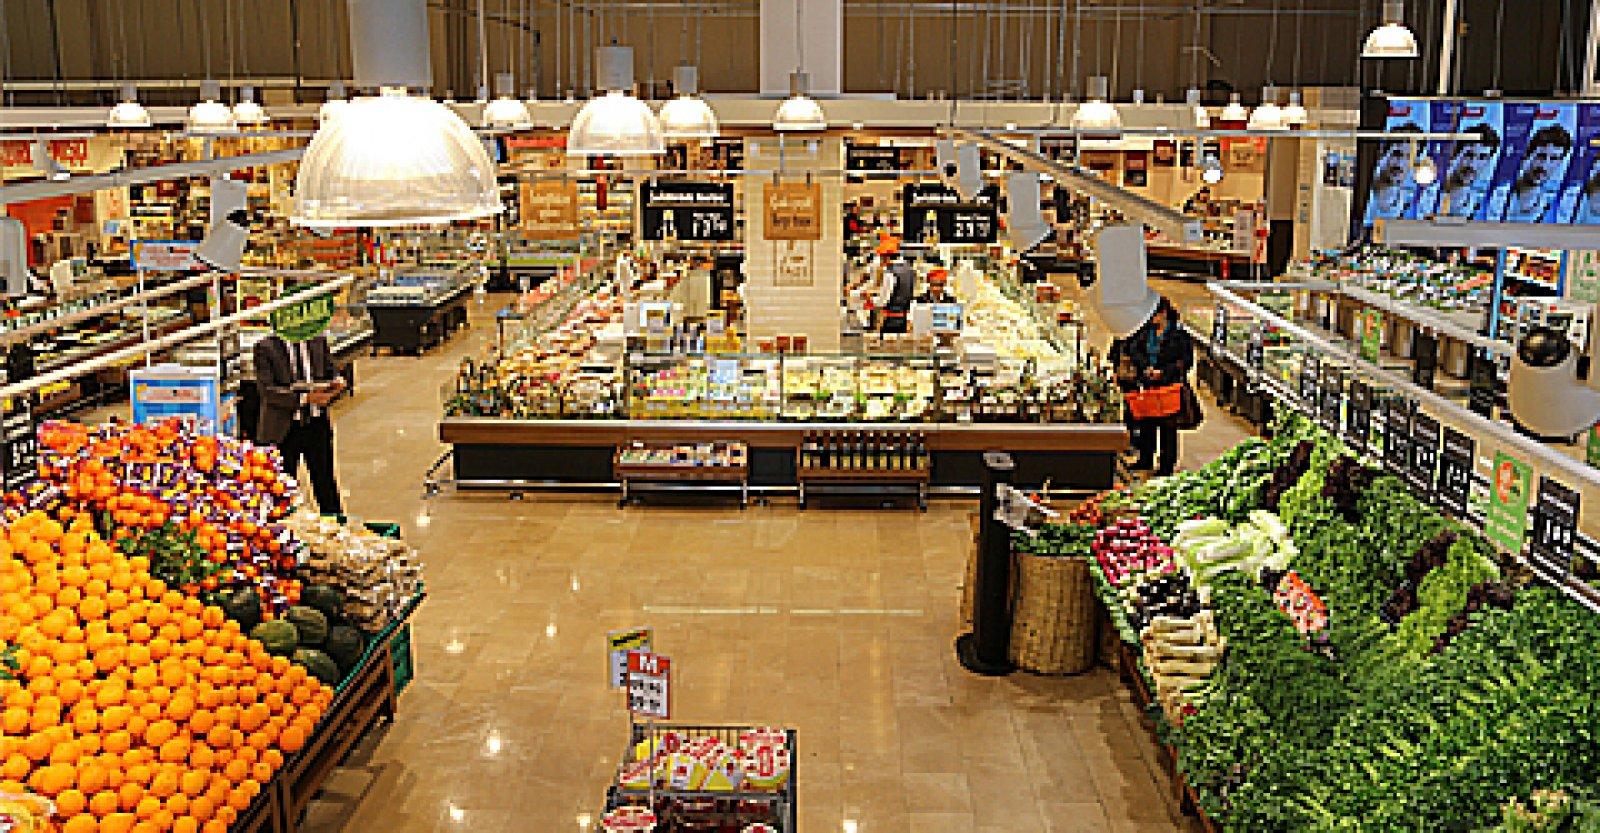 Tansaş Marketleri